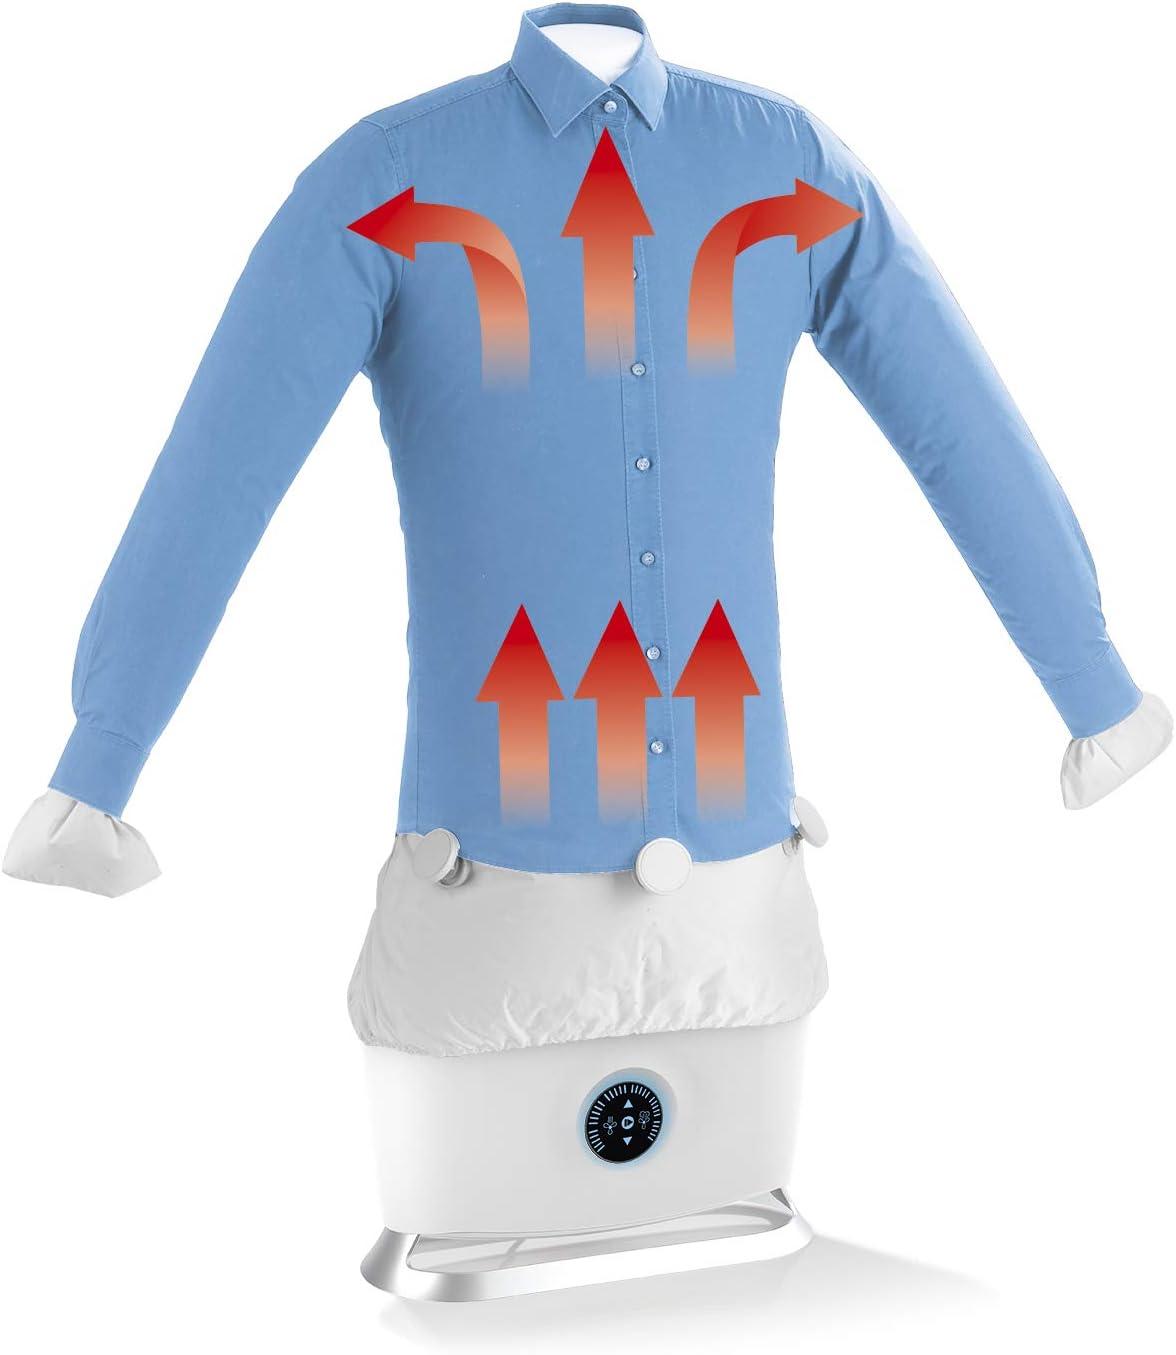 CLEANmaxx Planchadora automática de Camisas con función de Vapor | Máquina de Planchar Camisas y Blusas Totalmente automática con 2 programas de Planchado